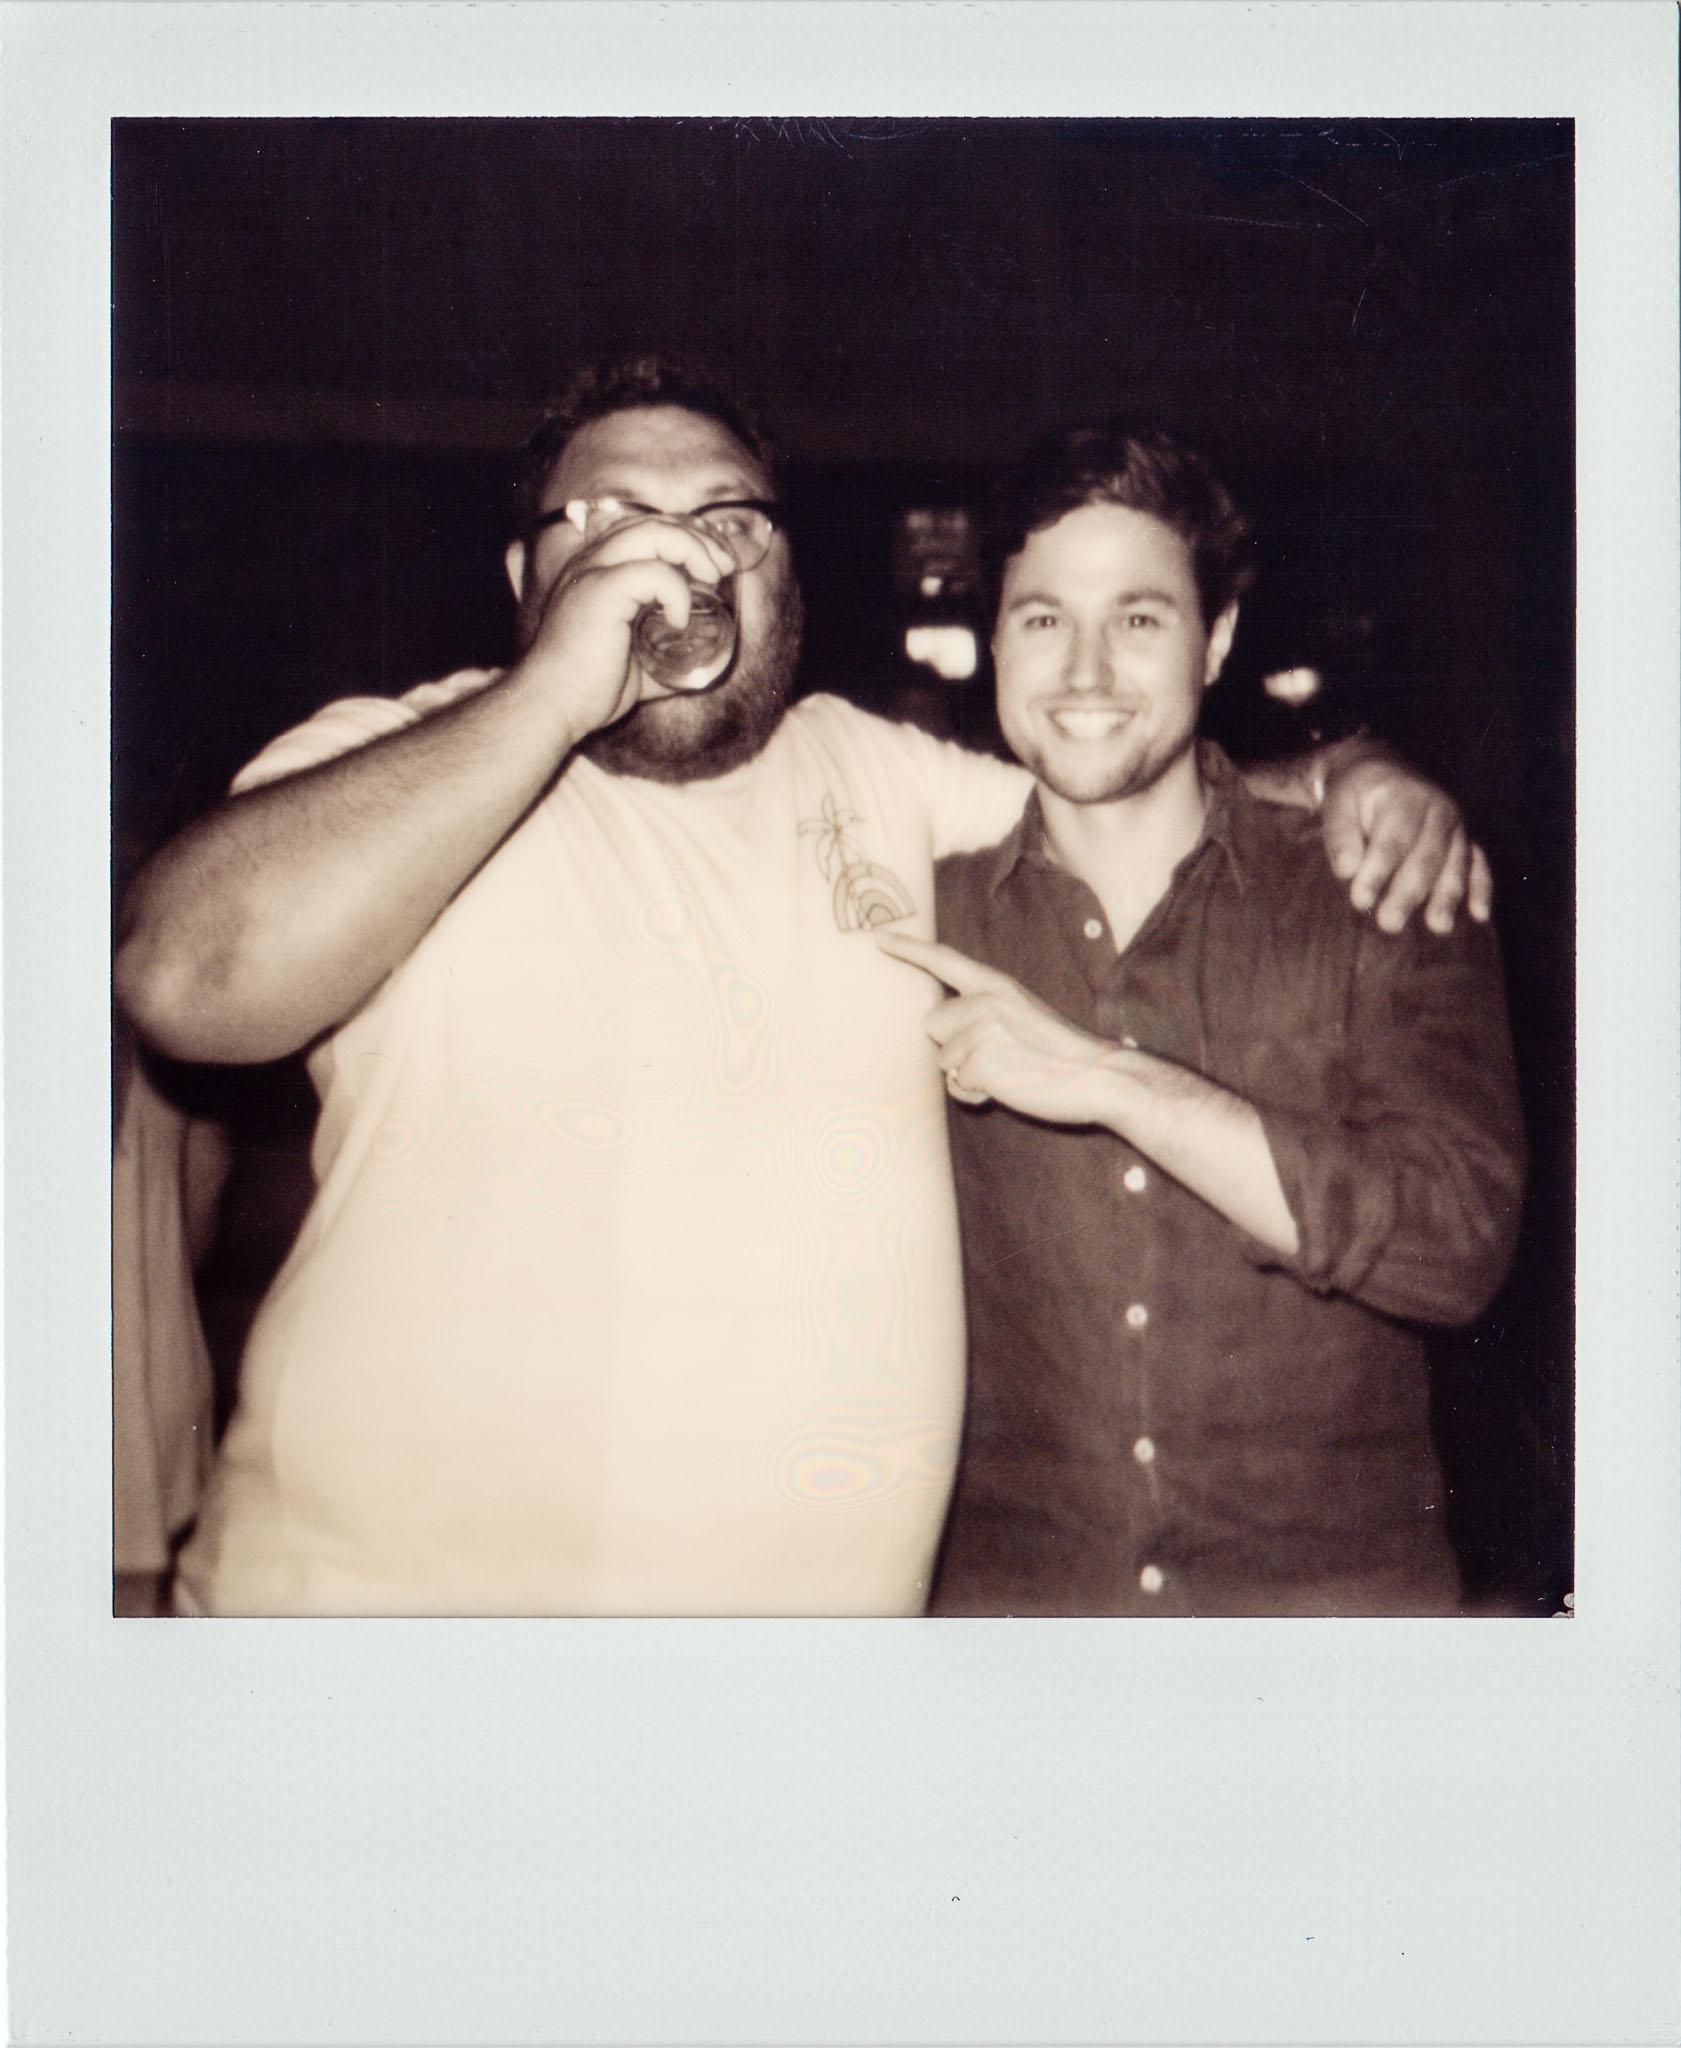 Jordan Eichenblatt having a drink while his friend points at him